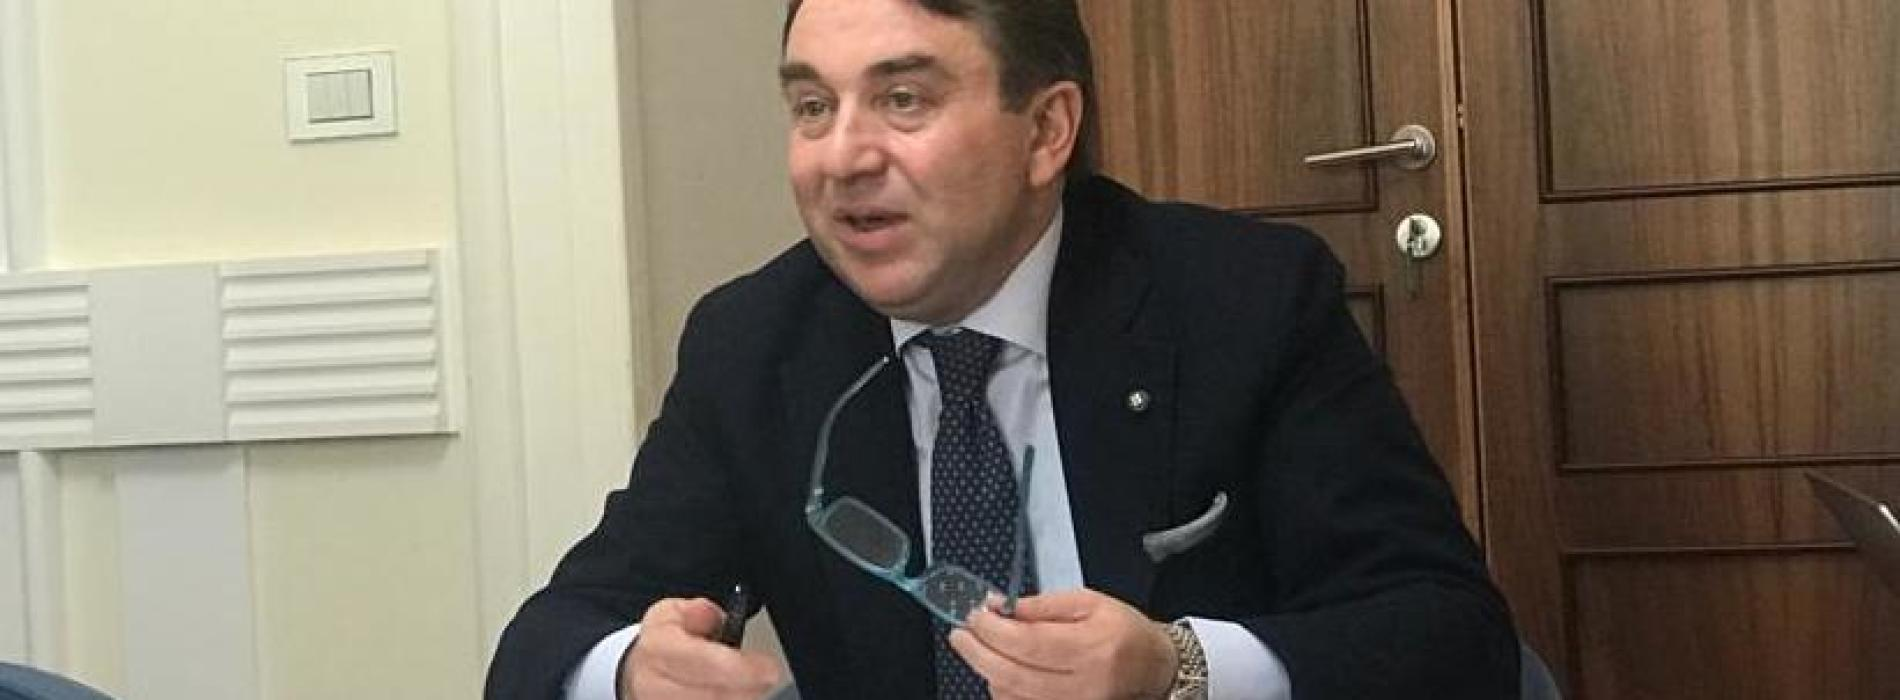 Caserta. Camera di Commercio, bilancio 2018